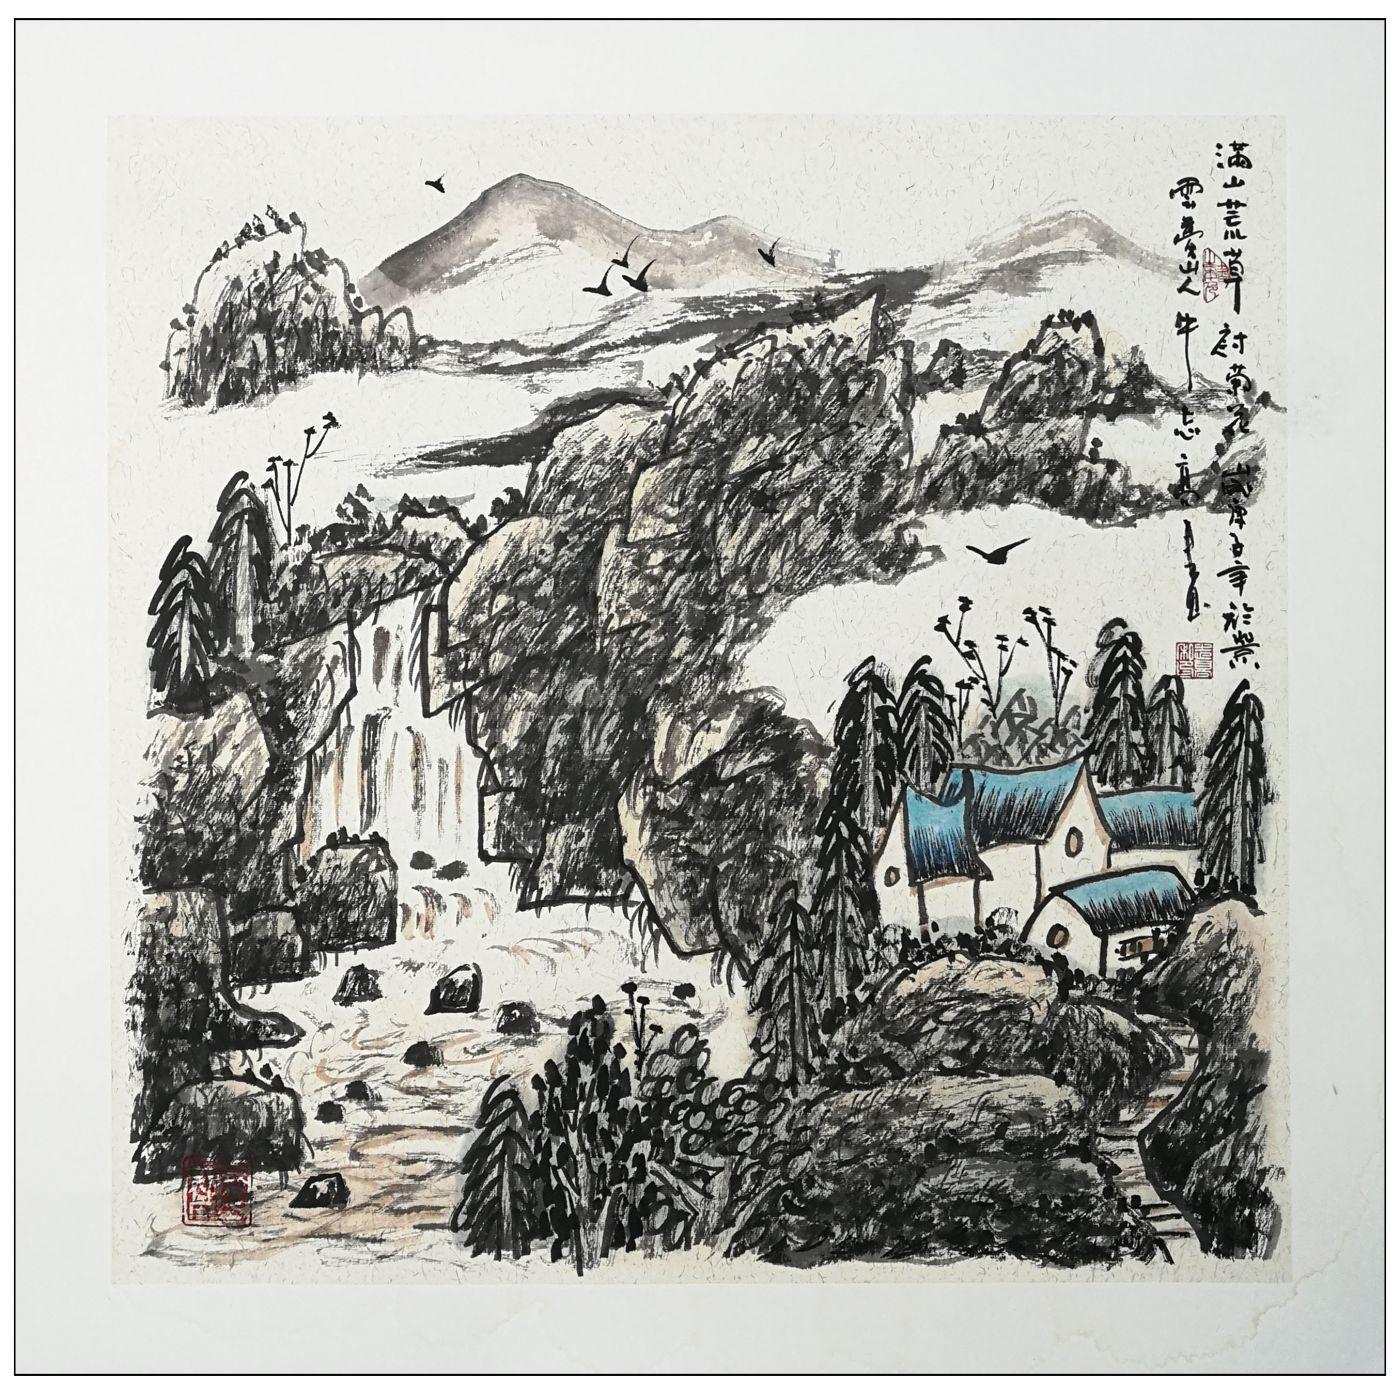 牛志高2020山水画新作-----2020.07.05_图1-15